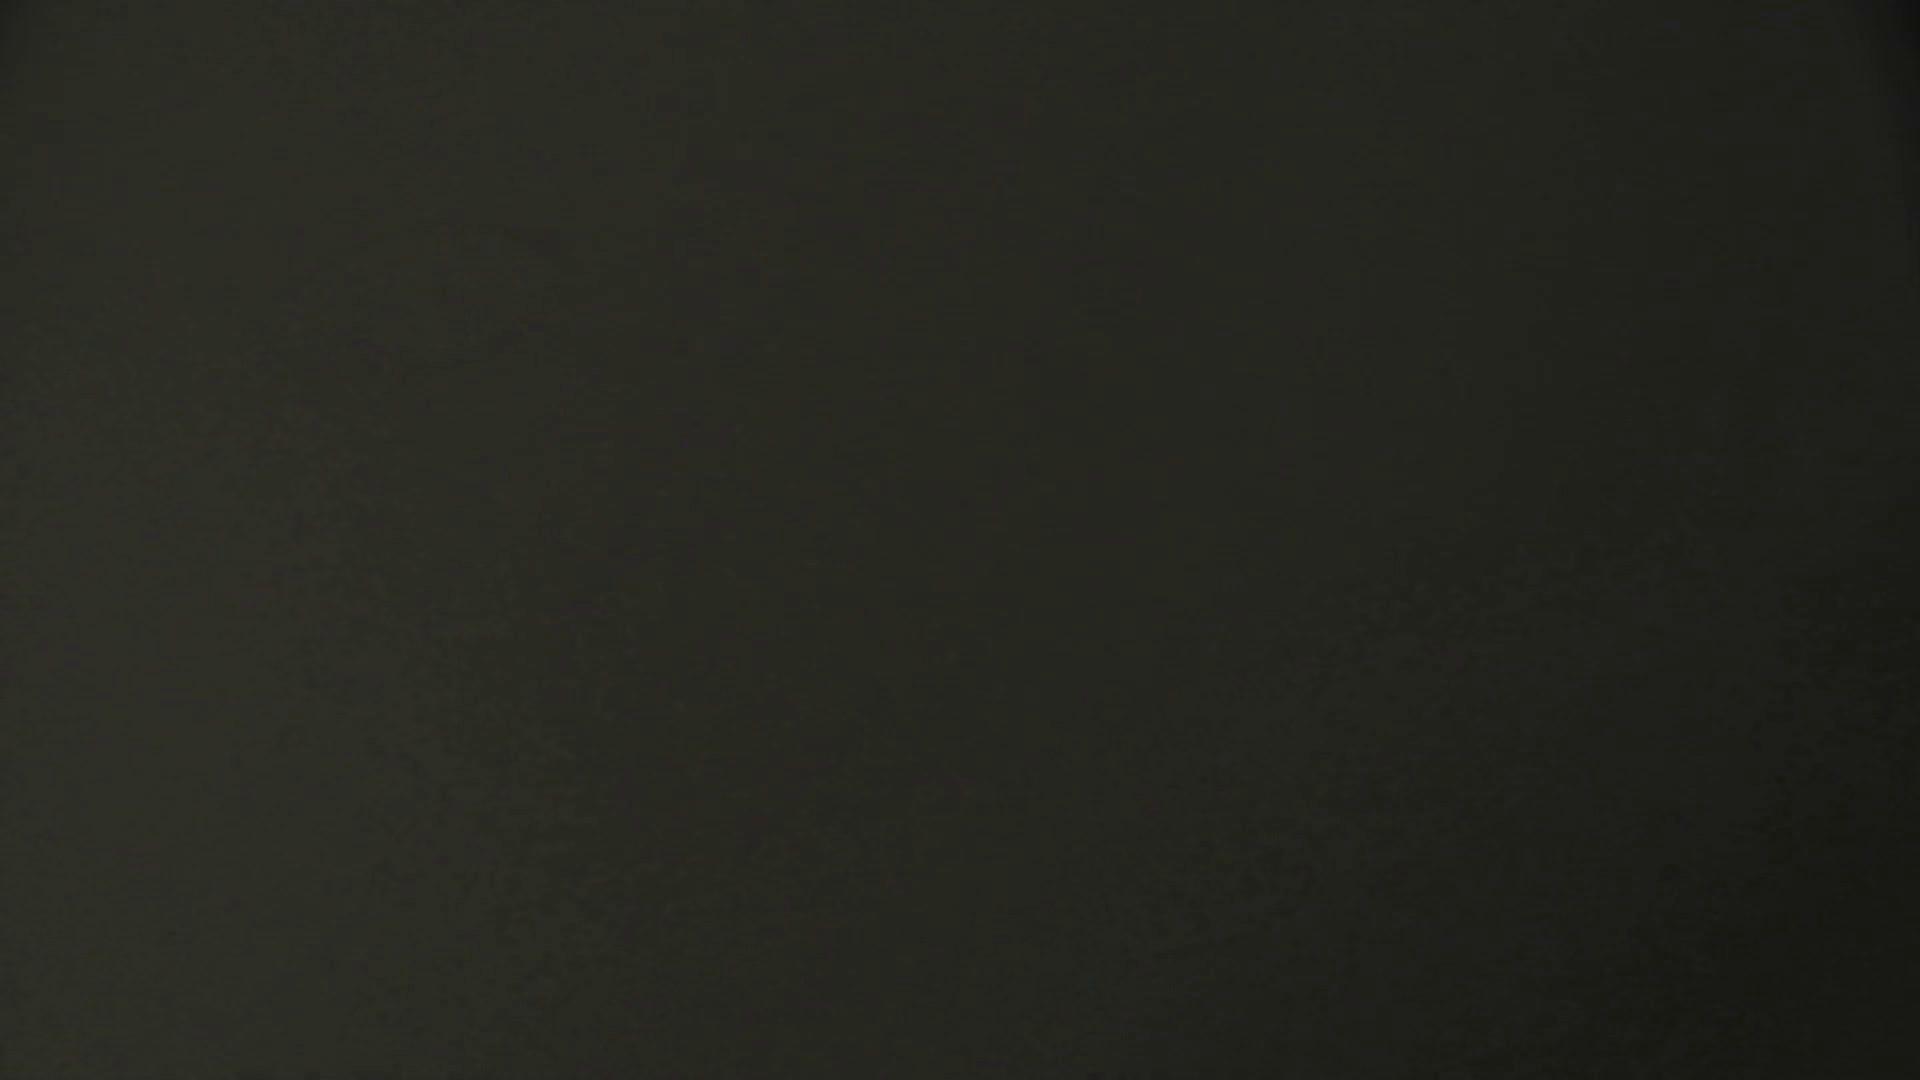 vol.08 命がけ潜伏洗面所! 黒ストッキングが流行りです。 潜入   OLエロ画像  92PICs 89